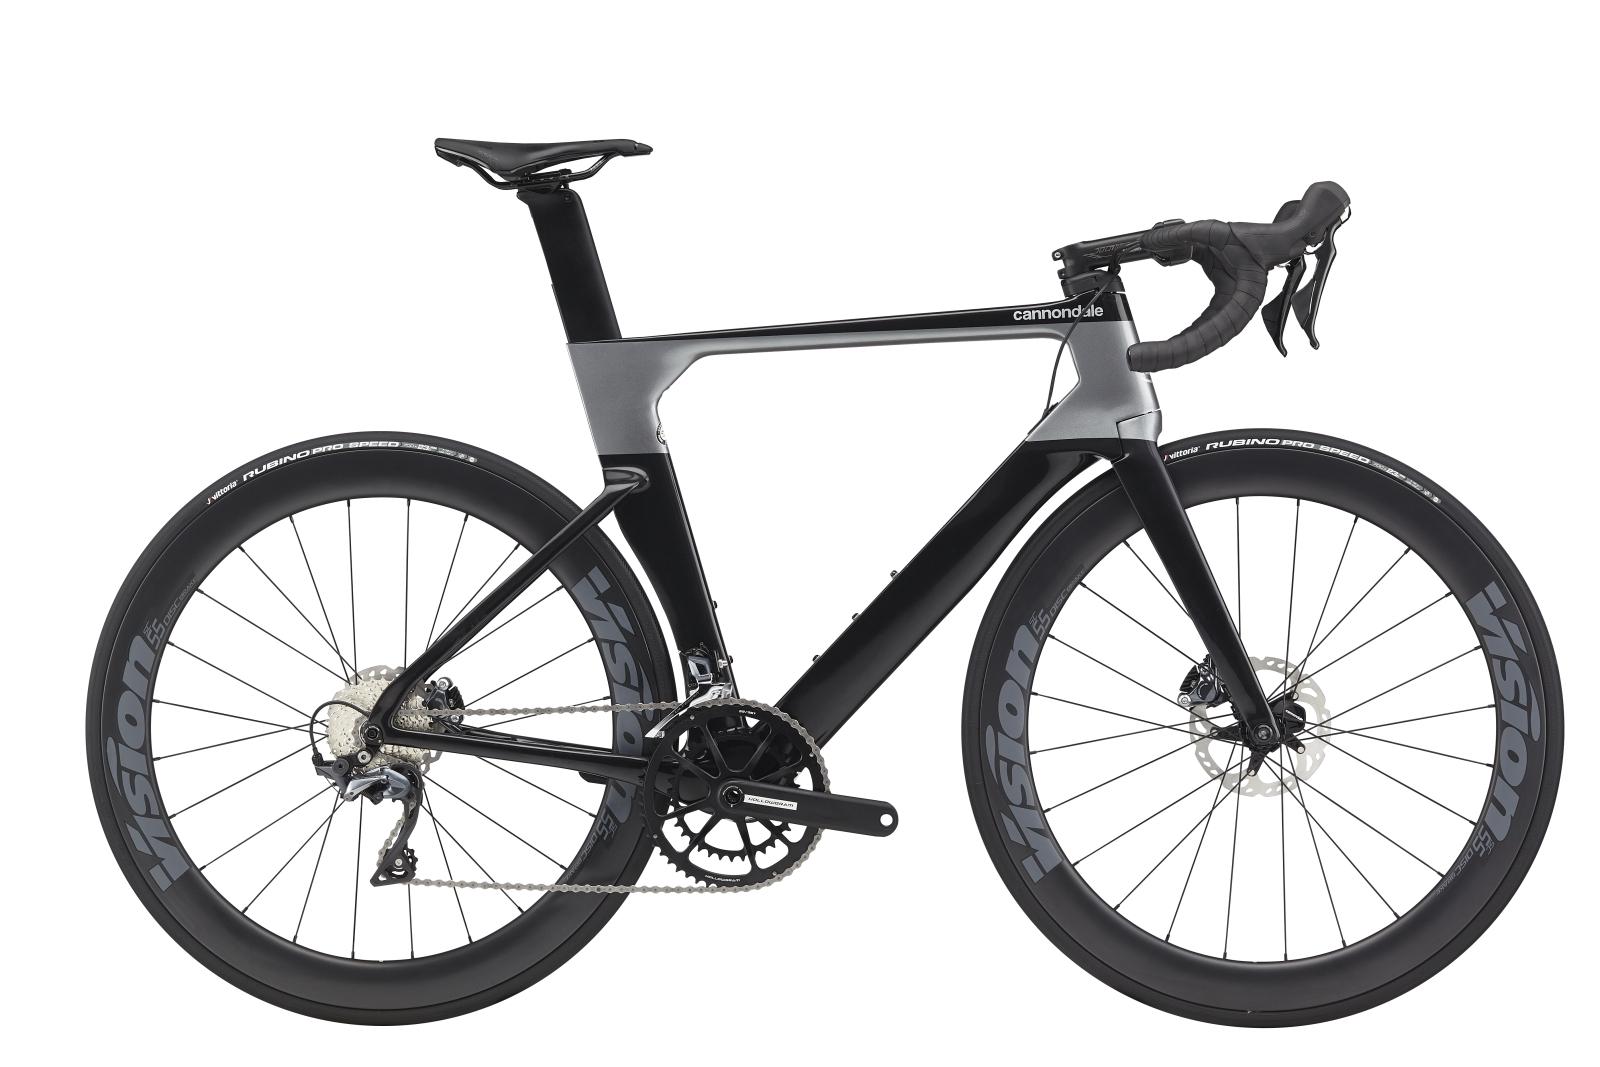 Cannondale System Six Carbon Ultegra országúti kerékpár - fekete - 58 cm (2020)